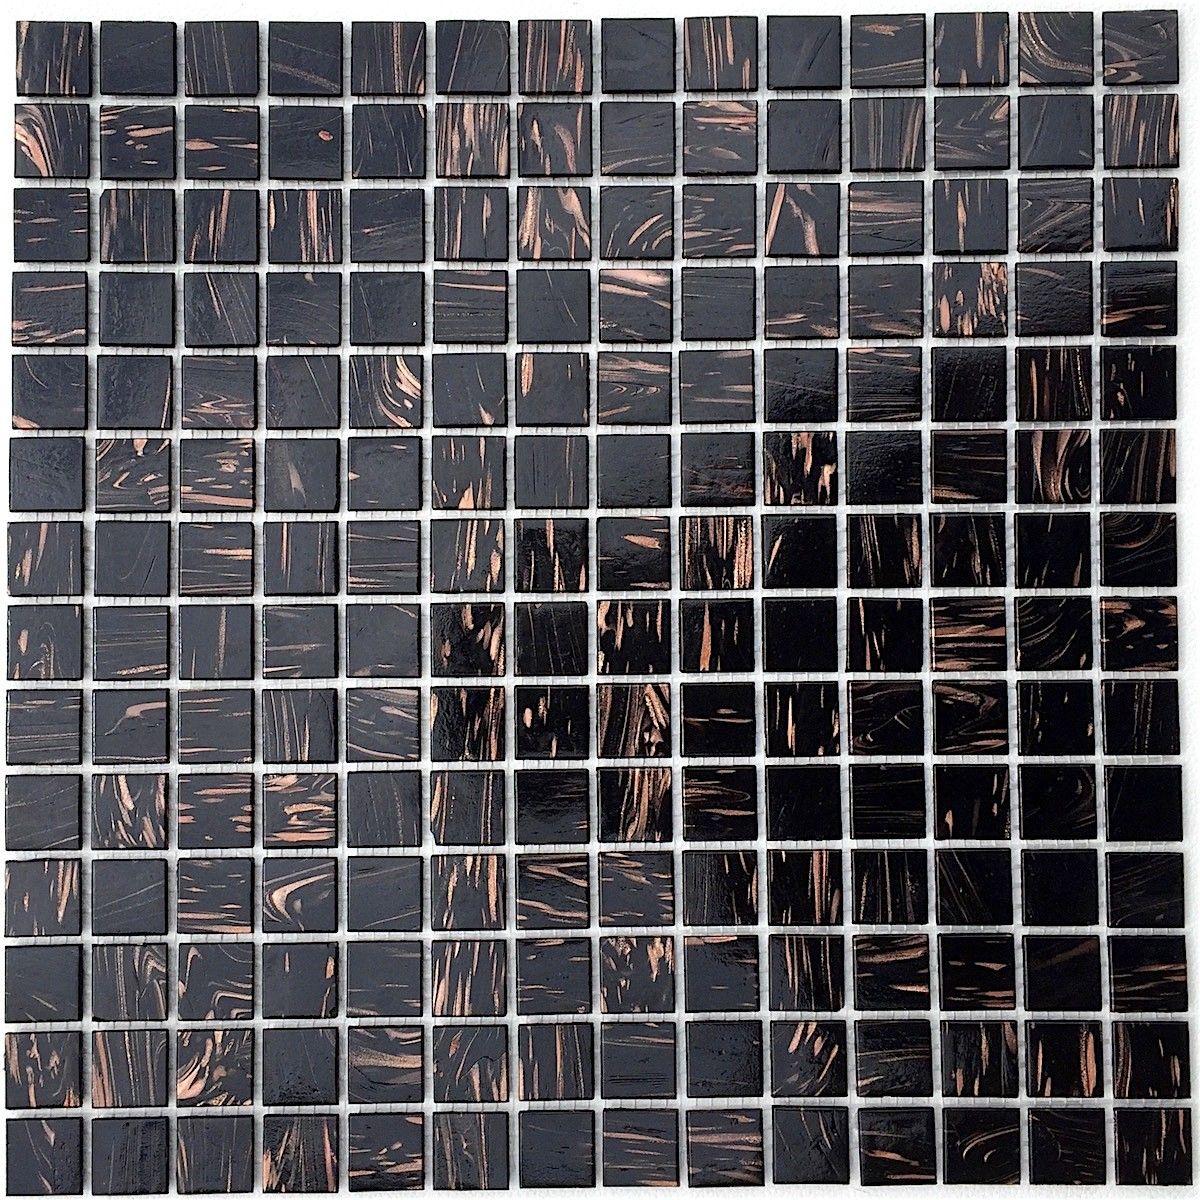 Mosaique Patedeverre Douche Et Salle De Bain Vitro Noir In 2020 Mosaic Glass Mosaic Glass